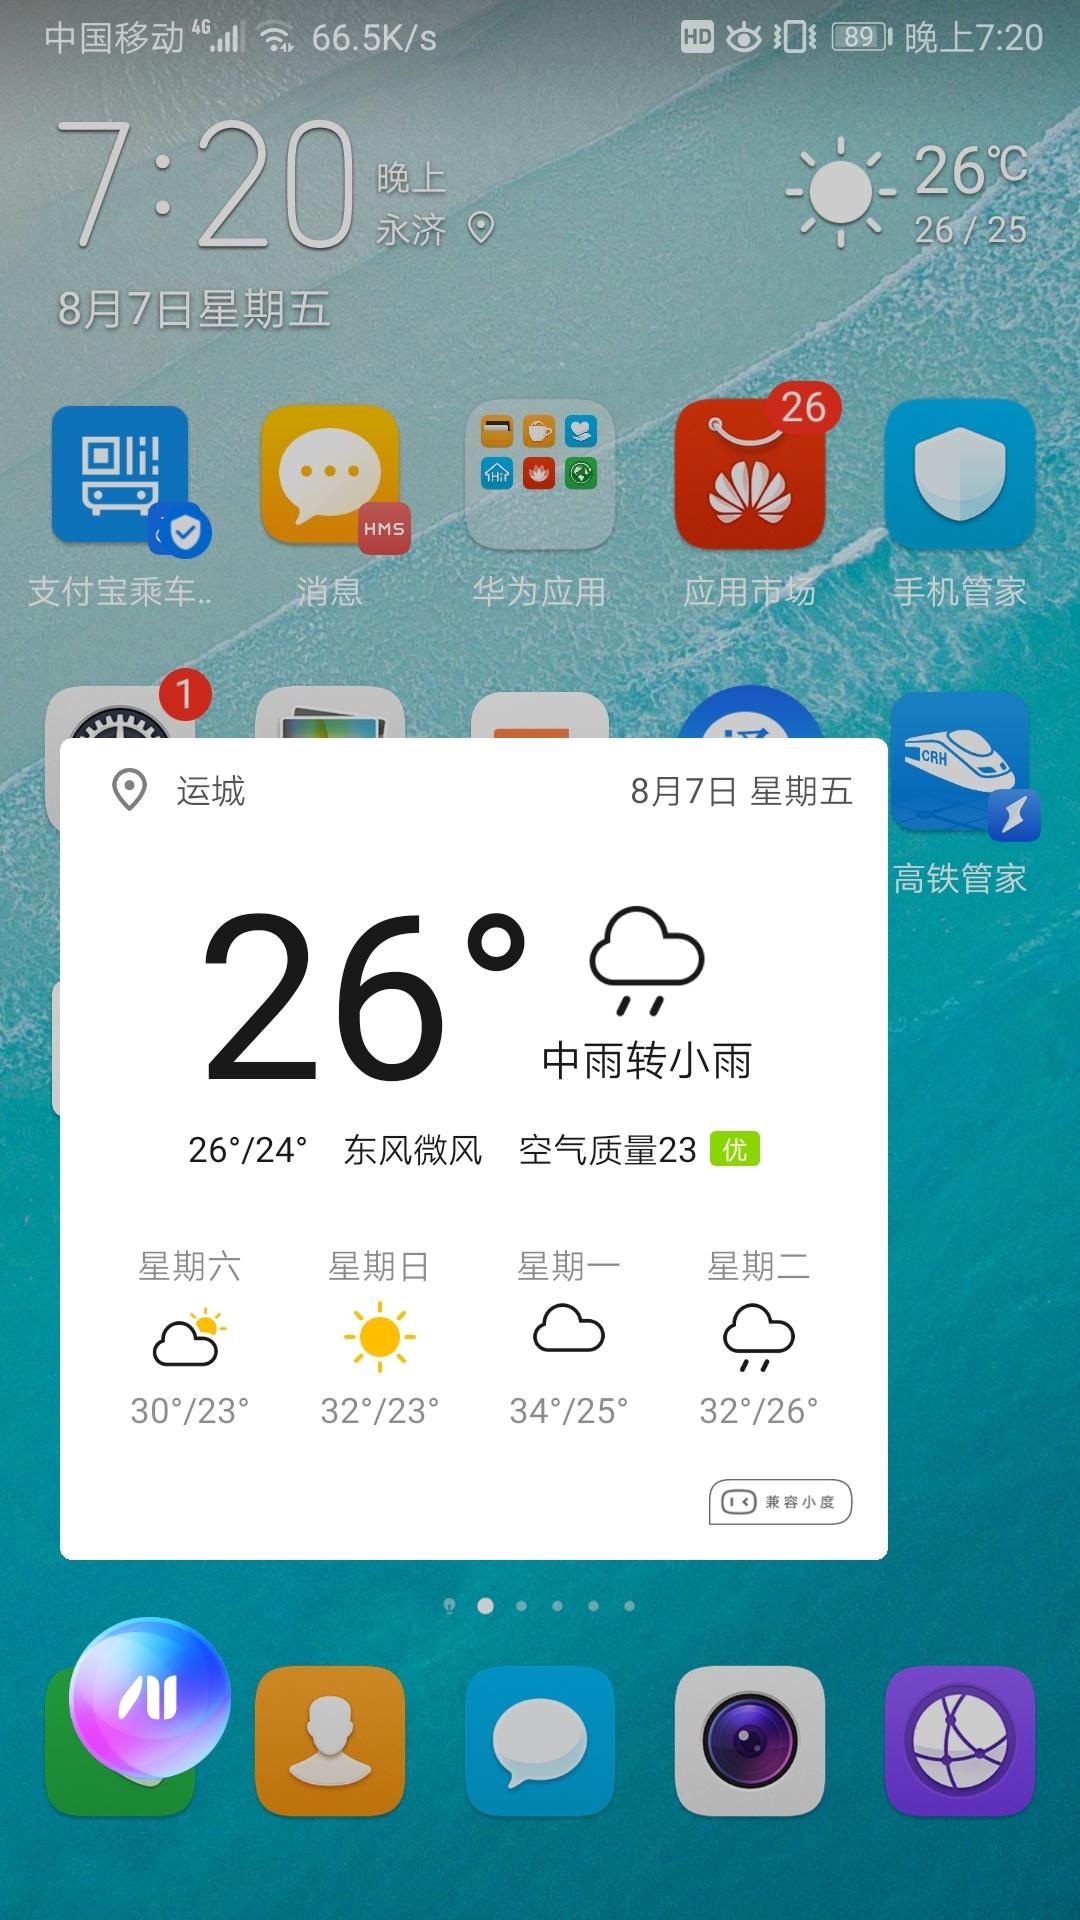 Screenshot_20200807_192028_com.huawei.android.launcher.jpg